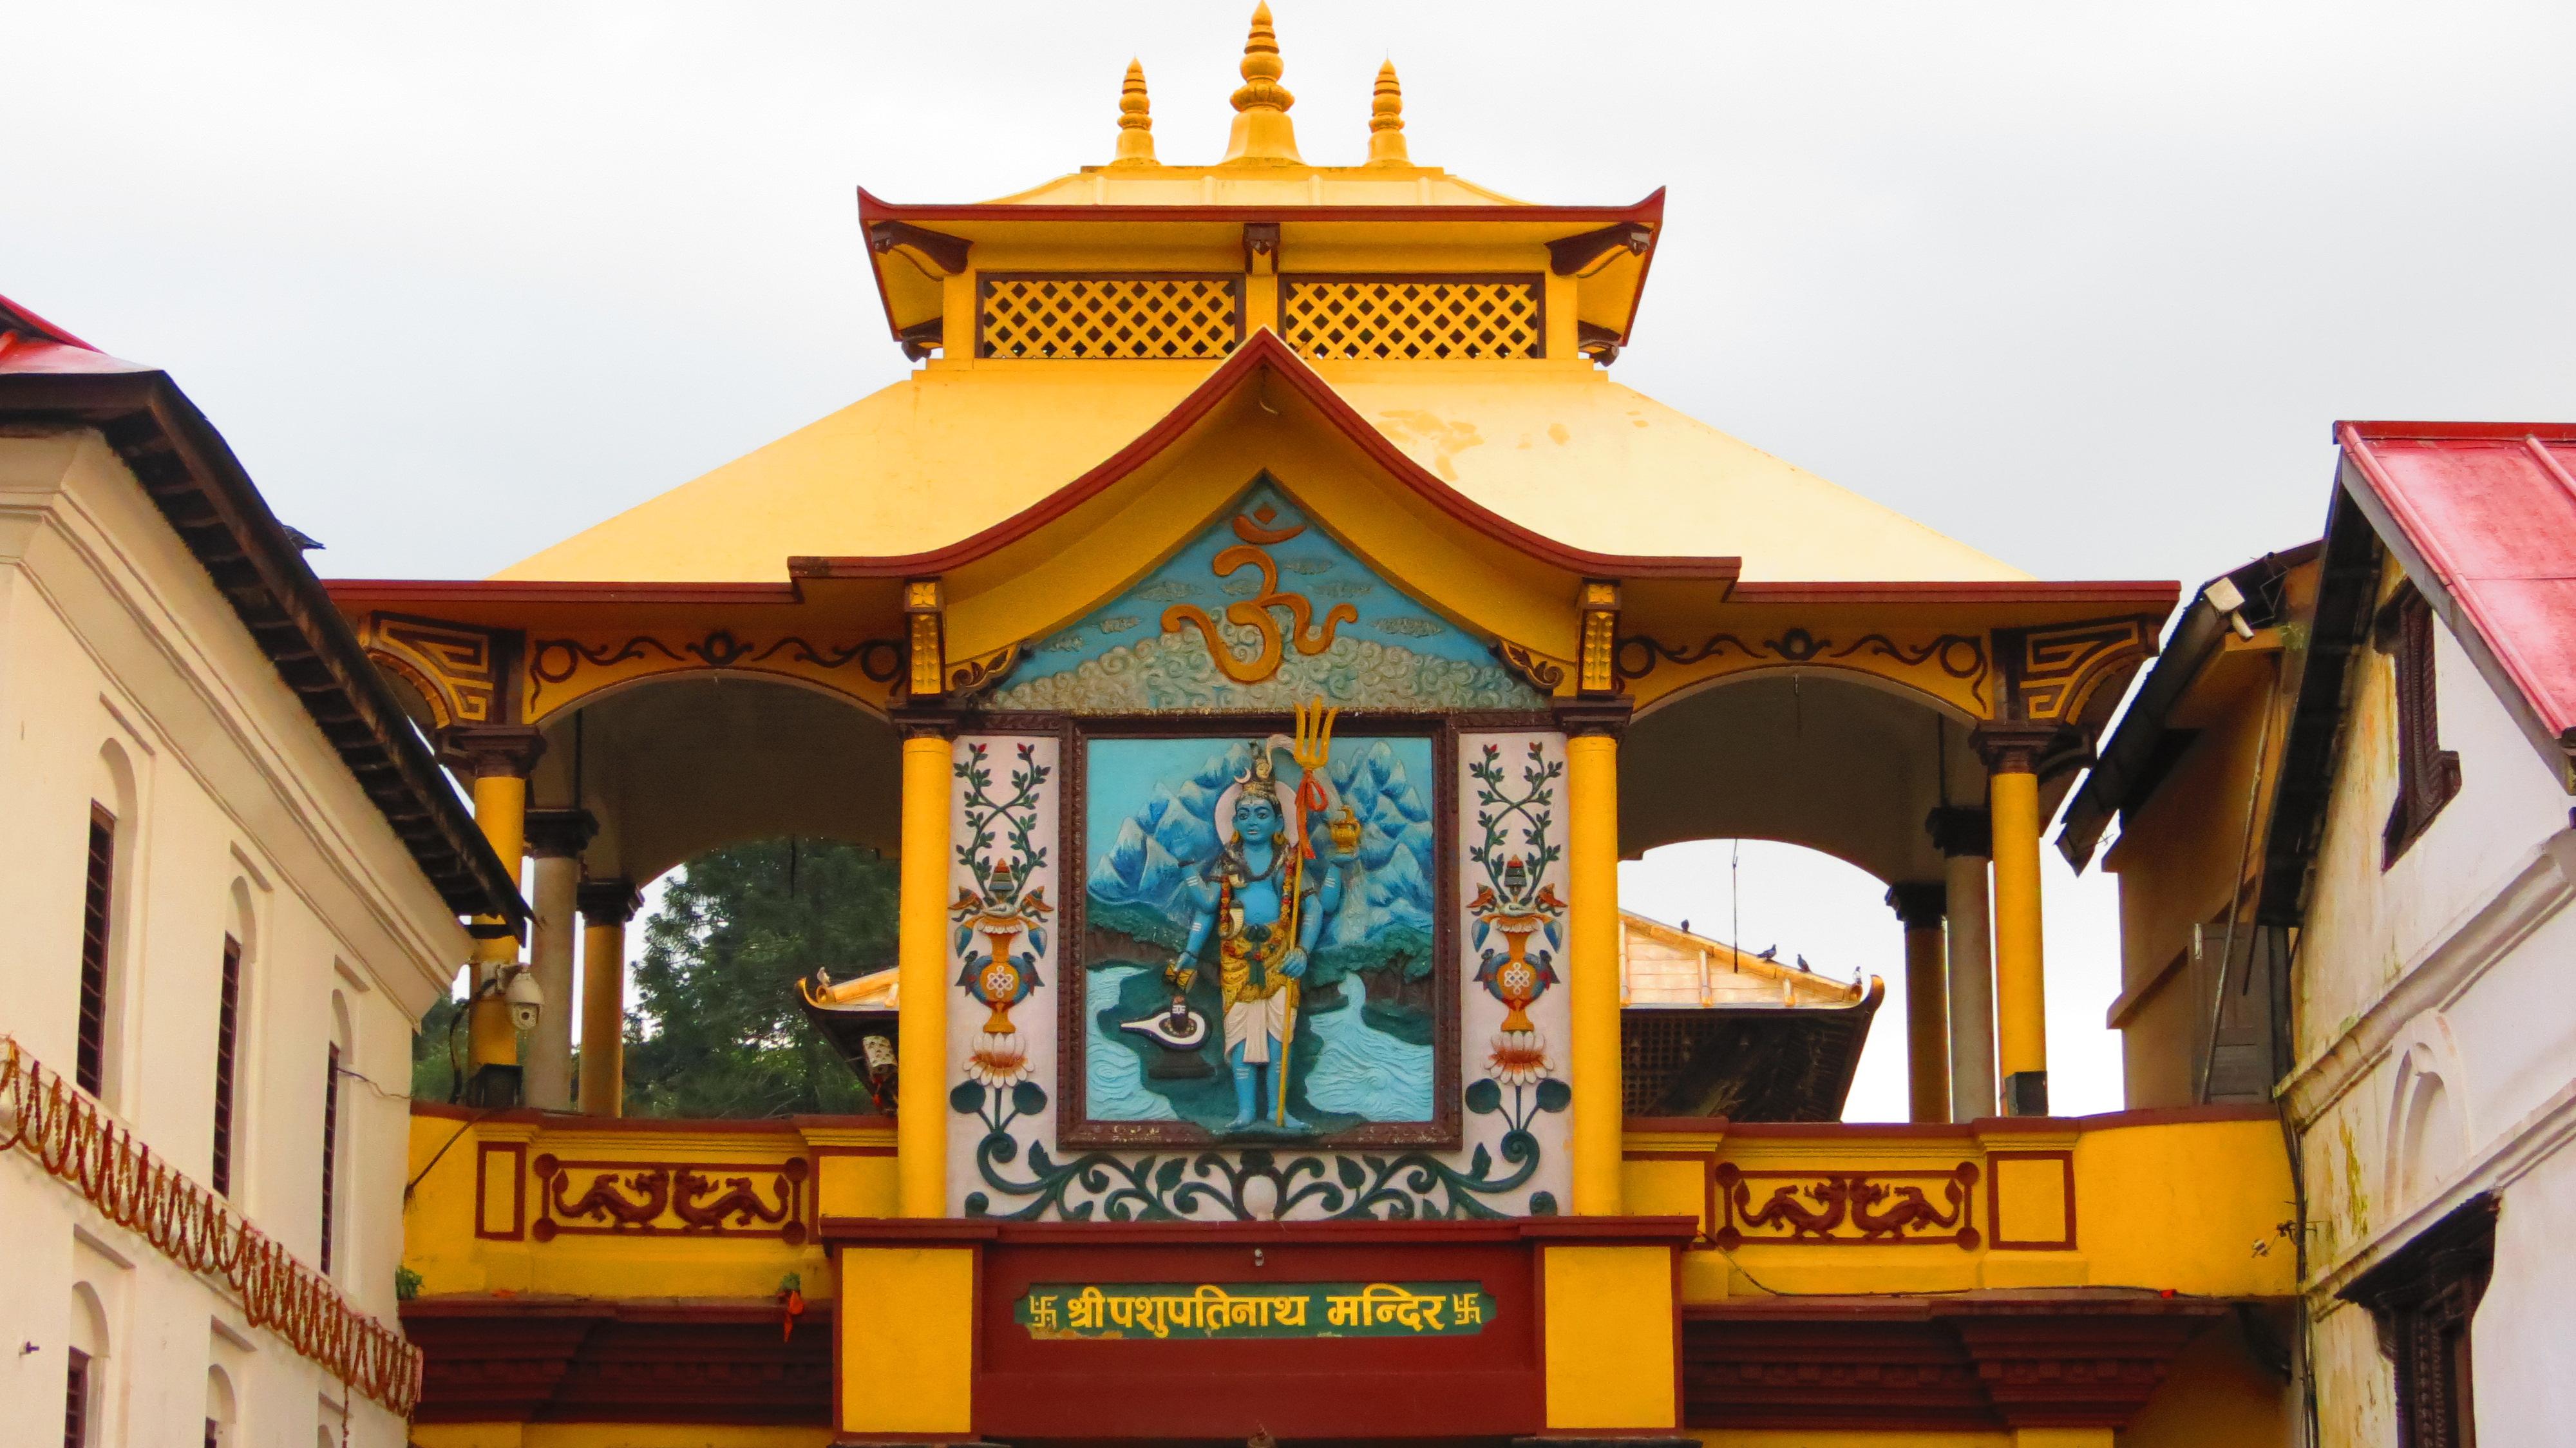 Nepal, Kathmandu: 15 Astounding Places To Visit In 2020 3